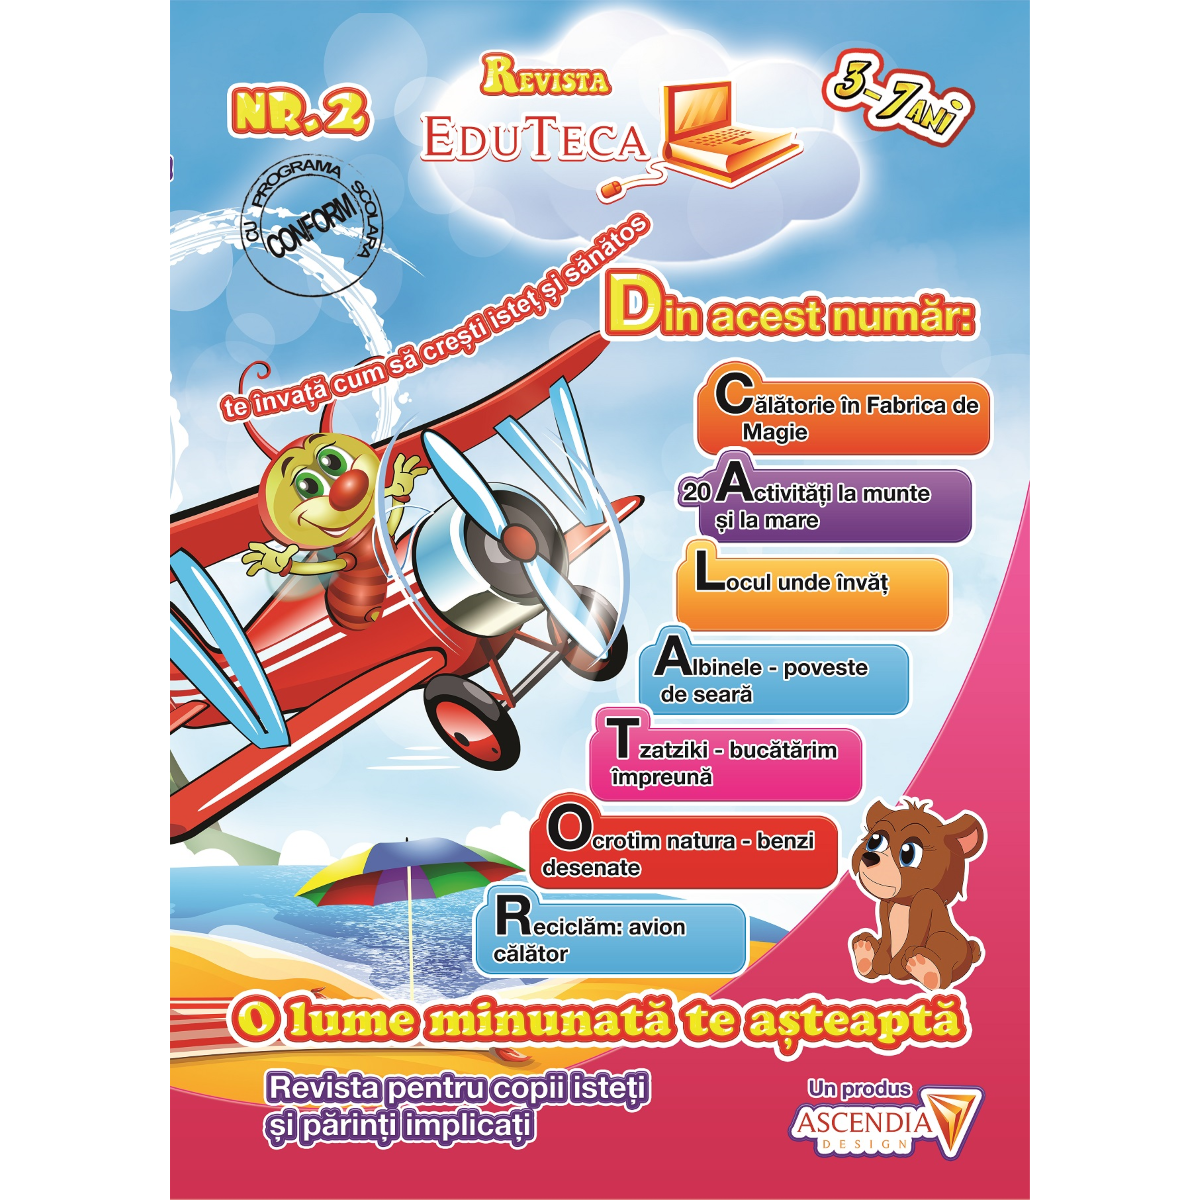 Revista EduTeca Nr. 2